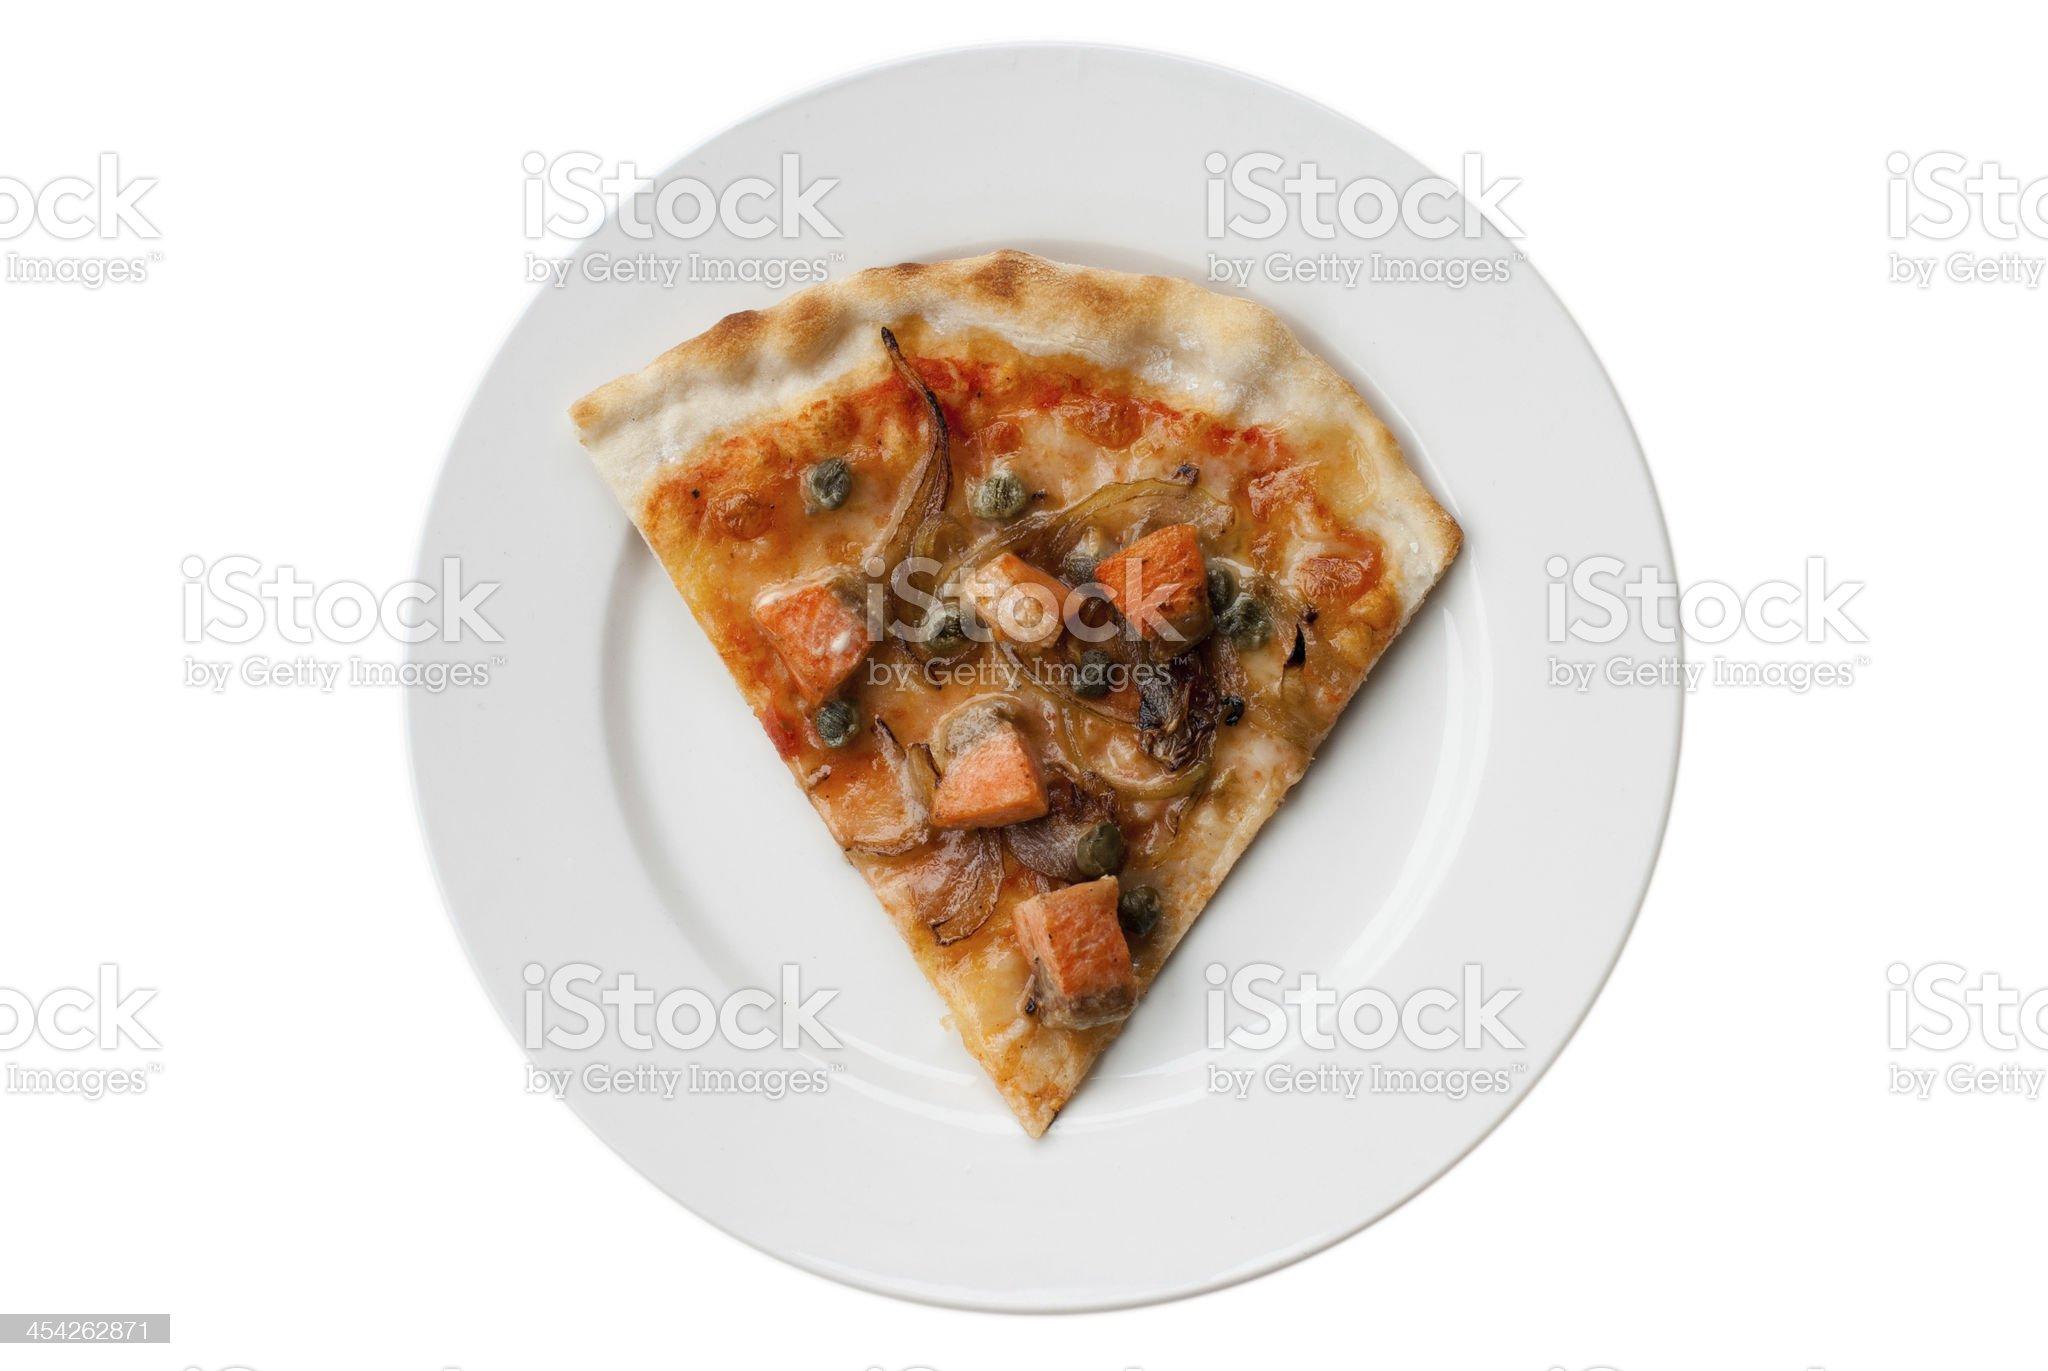 Salmon pizza royalty-free stock photo